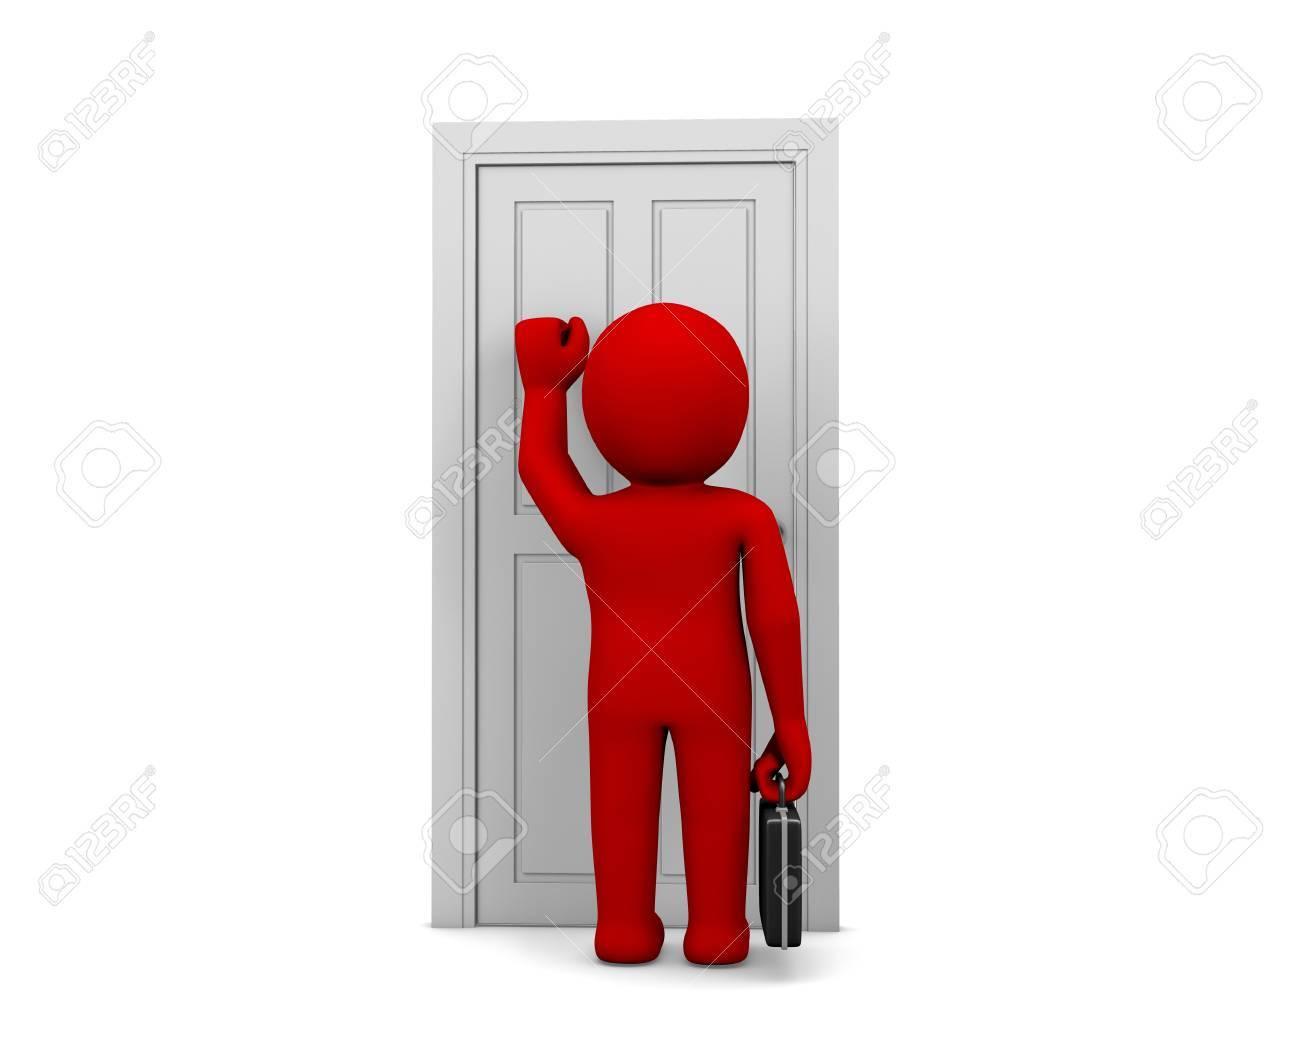 Businessman knocking at a door - 54770556